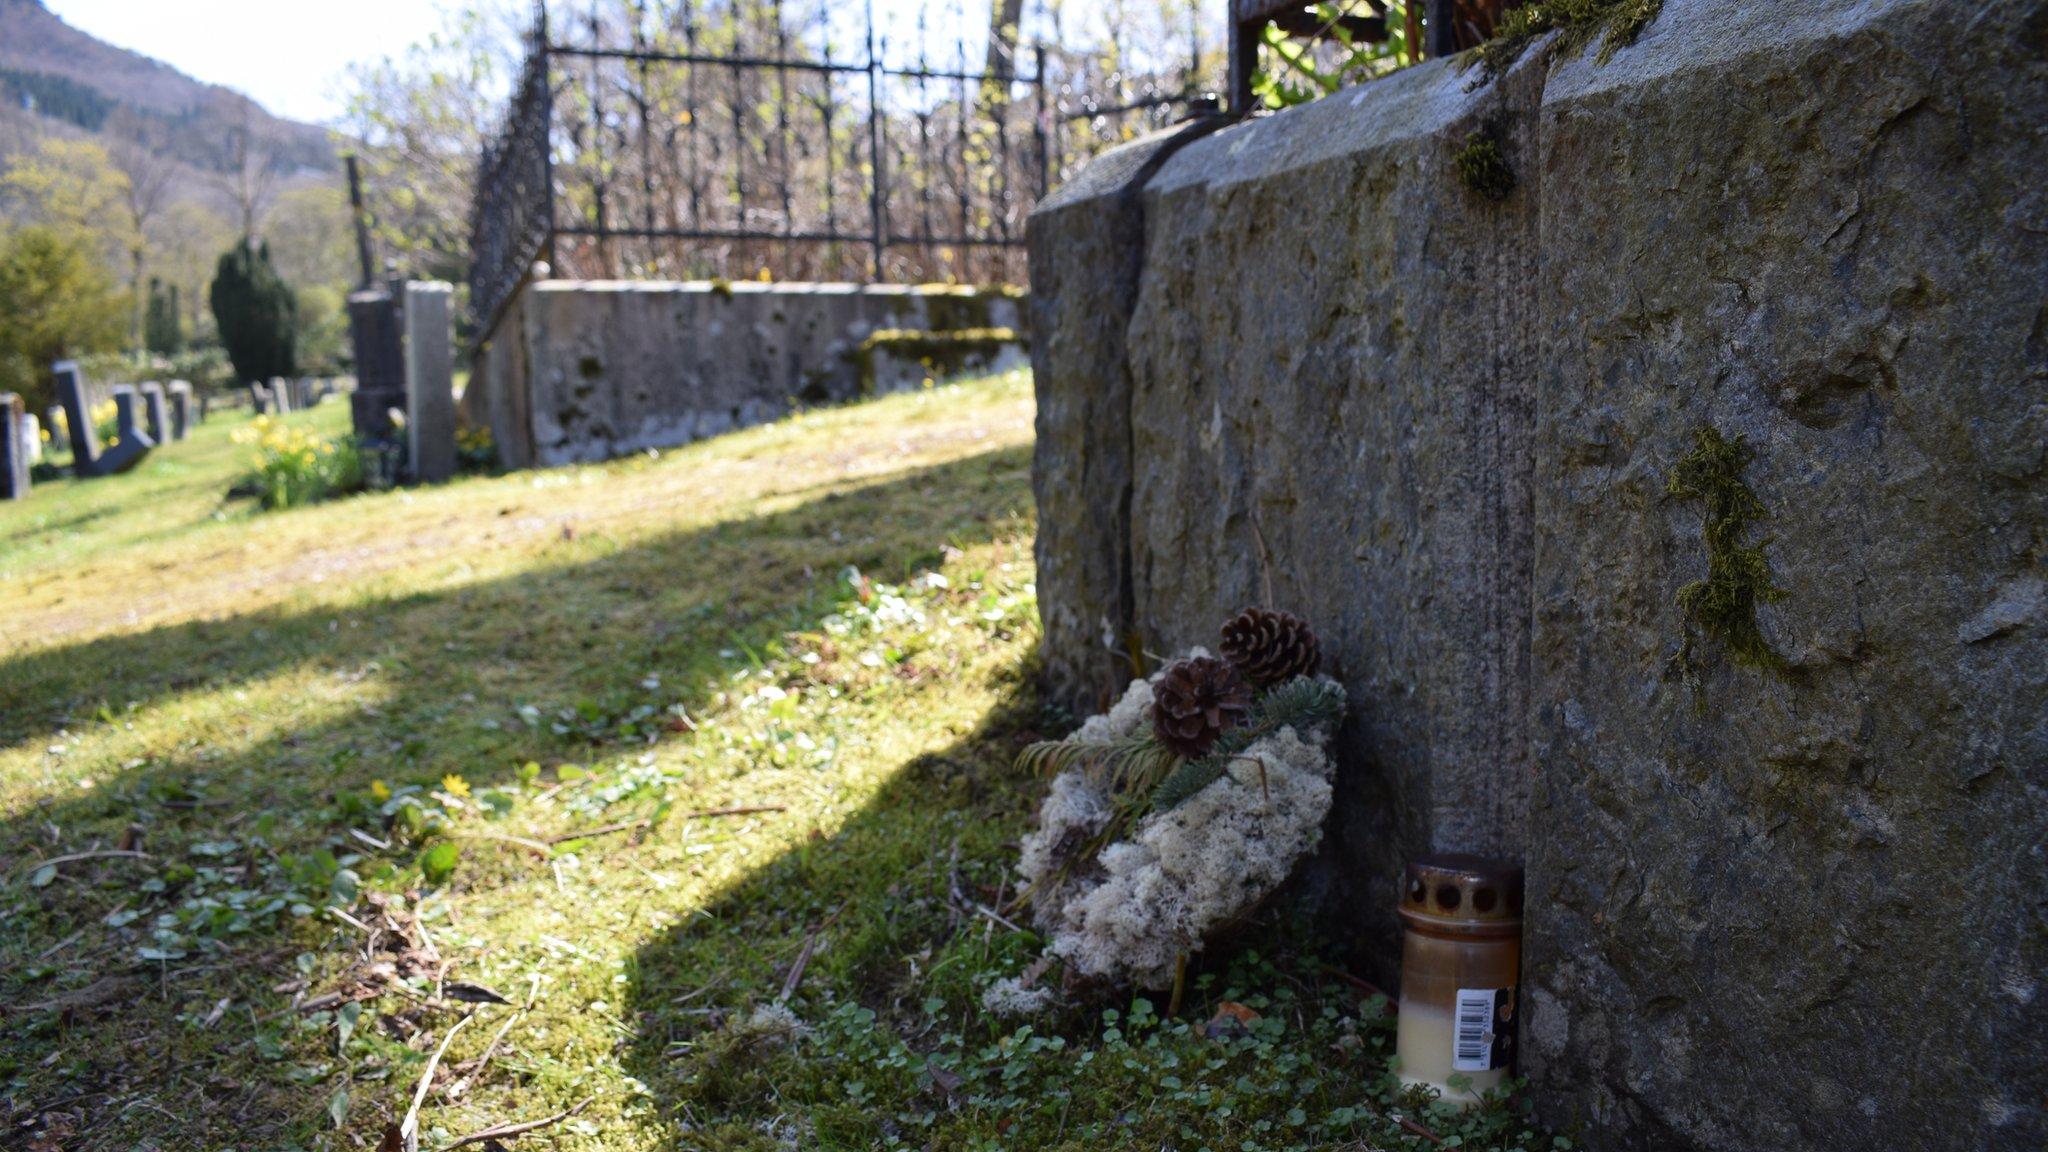 Tumba sin inscripción donde fue enterrada la mujer de Isdal.